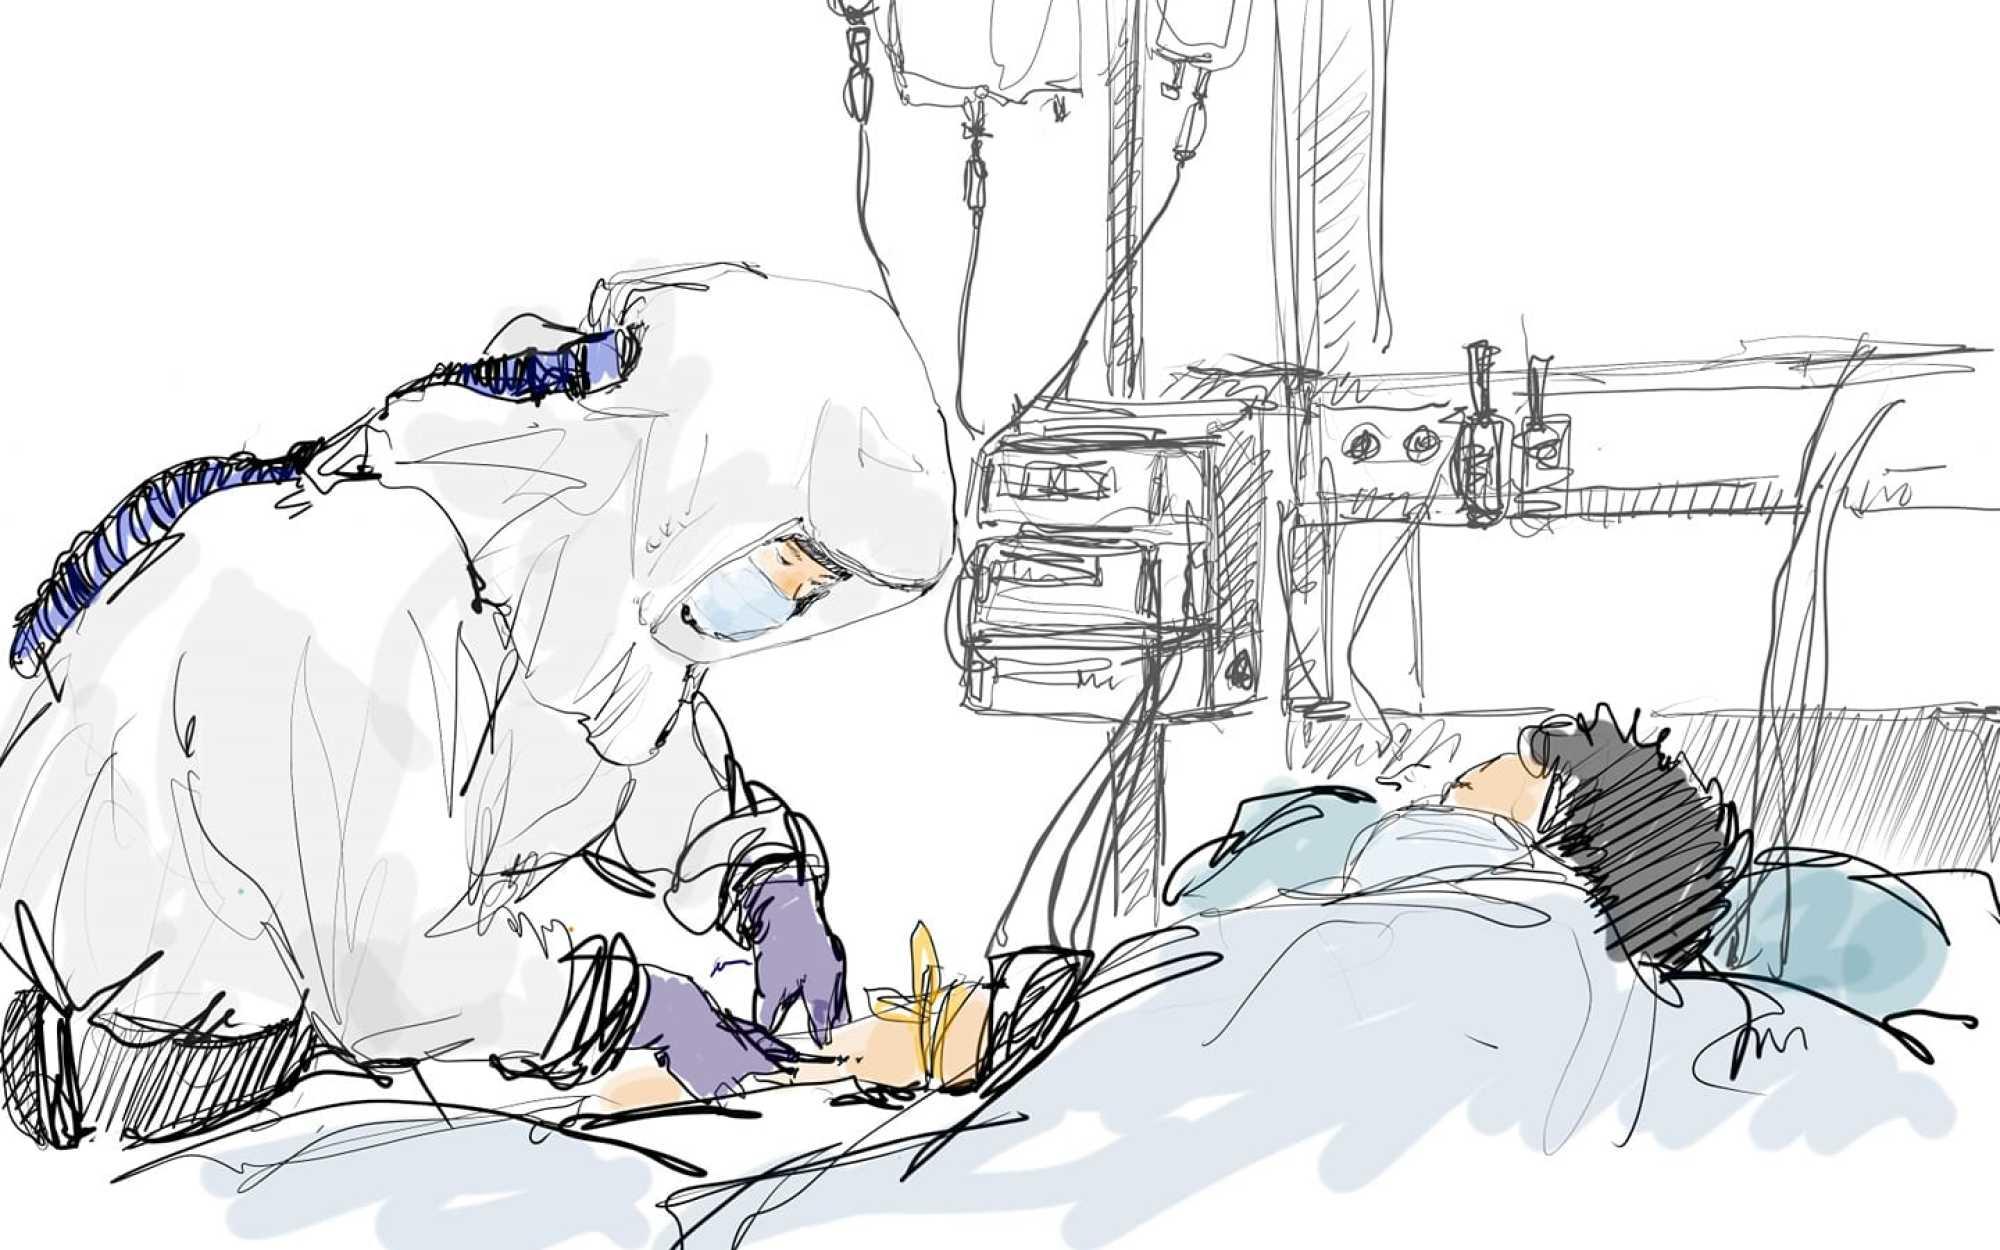 भक्तपुरमा कोरोना भाइरस अस्पताल निर्माण गरिने